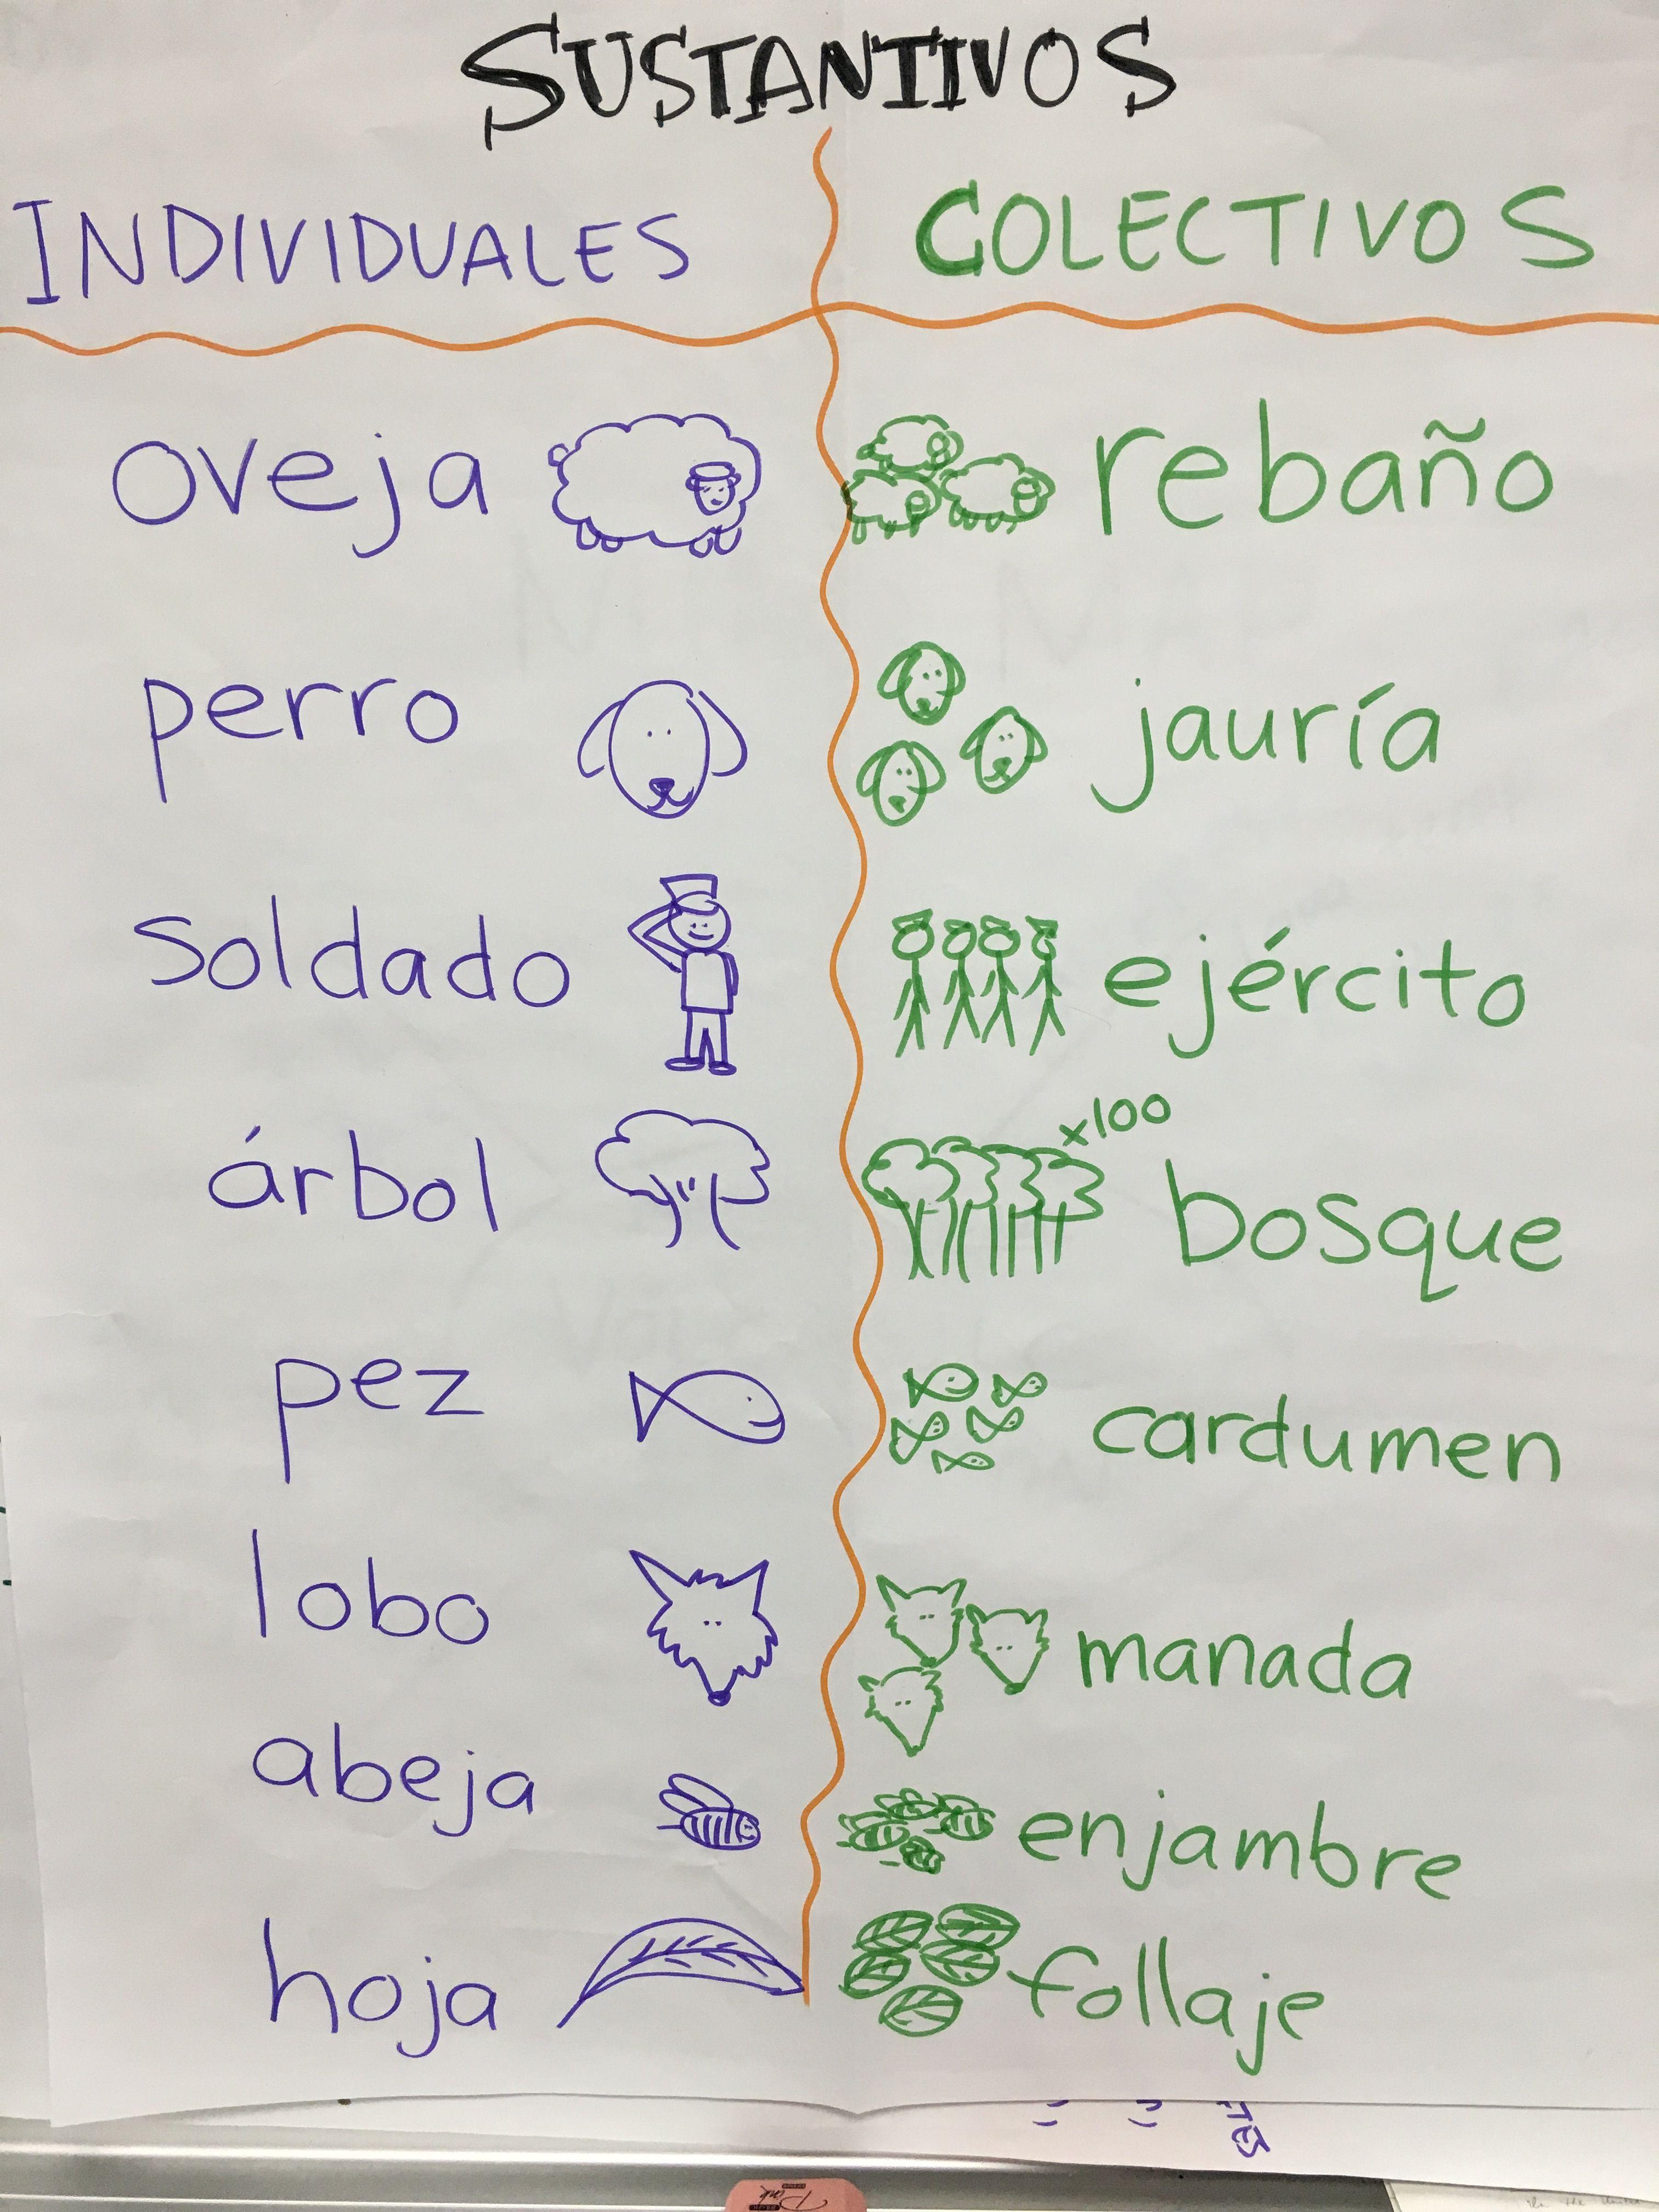 Sustantivos: individuales y colectivos | Spanish Dual Immersion ...